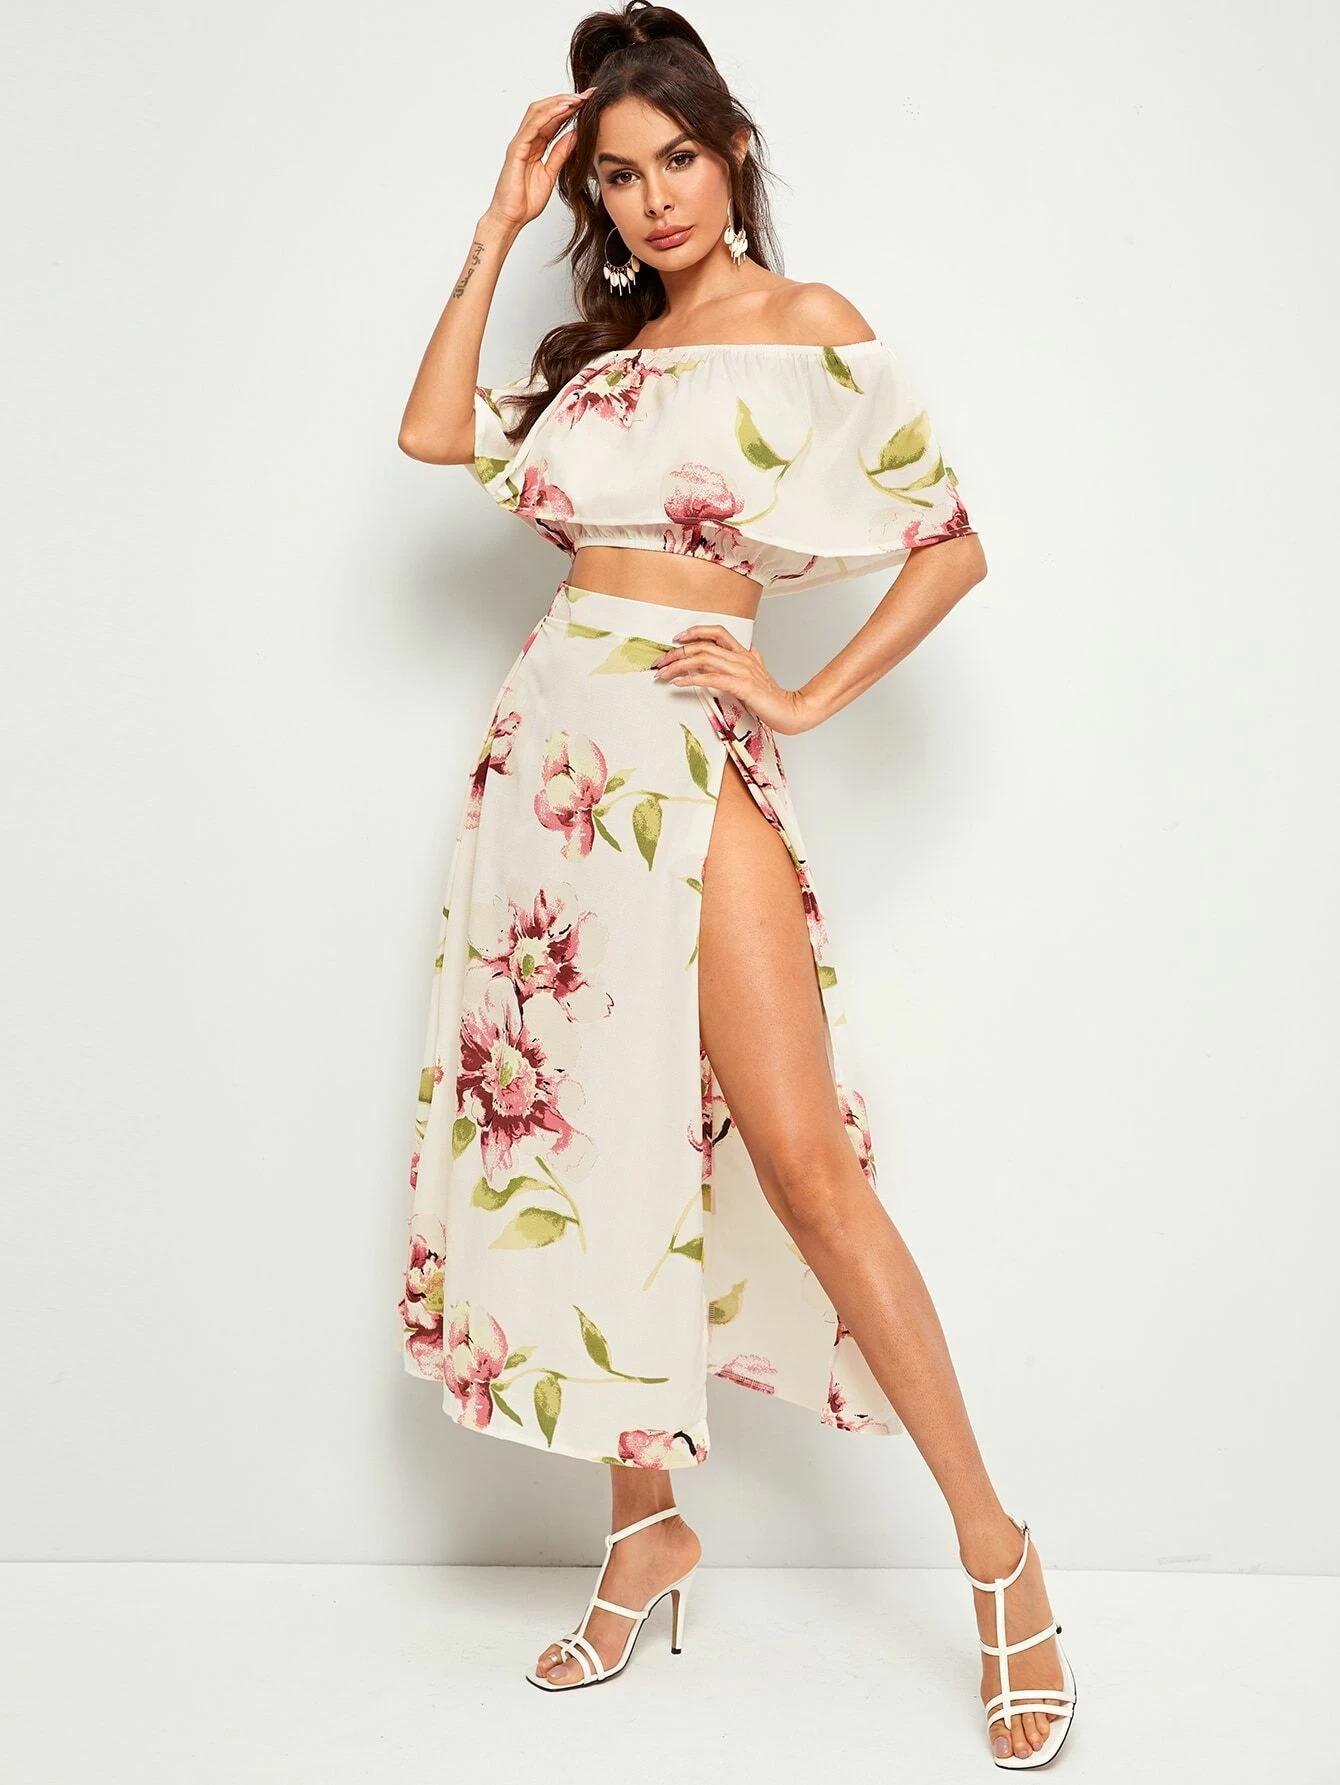 Floral Print Off-the-Shoulder Top & Slit Maxi Skirt